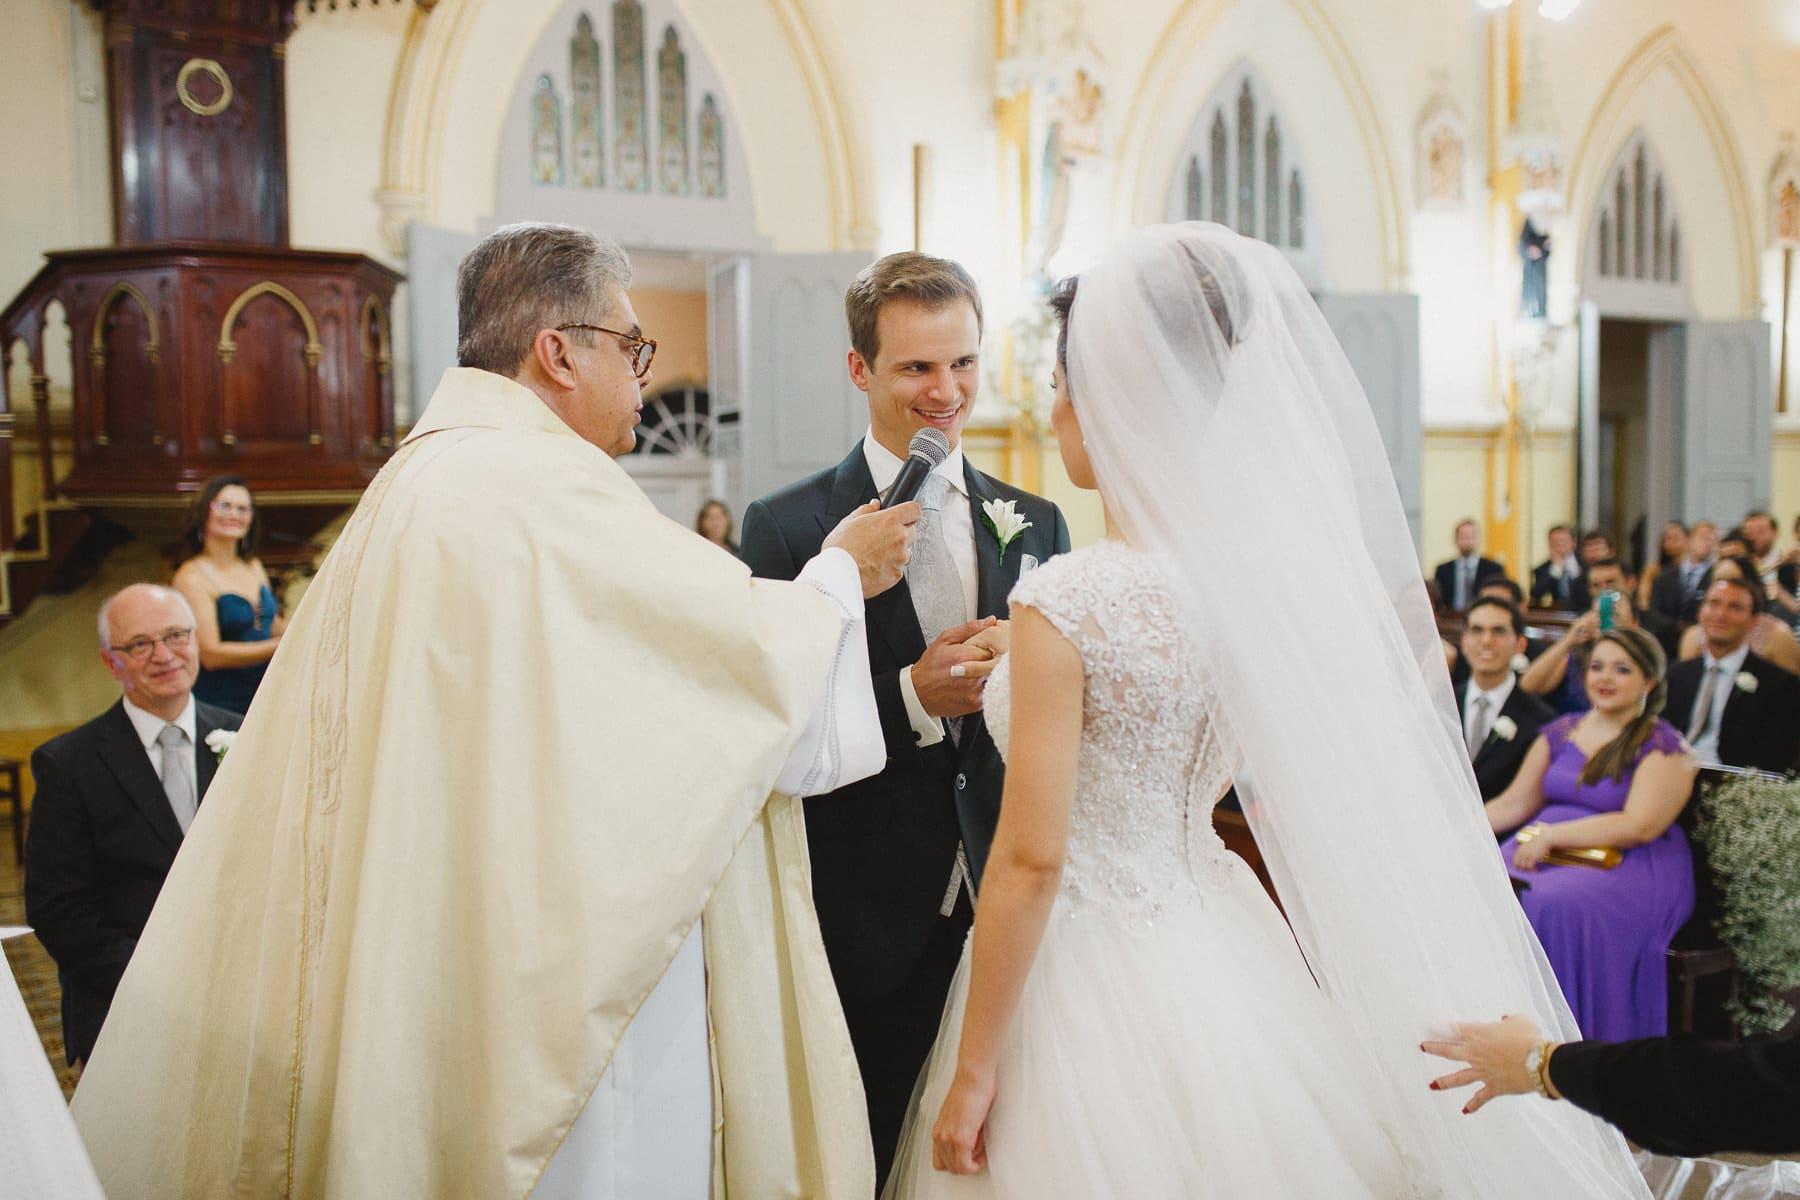 casamento-igreja-do-pequeno-grande-28